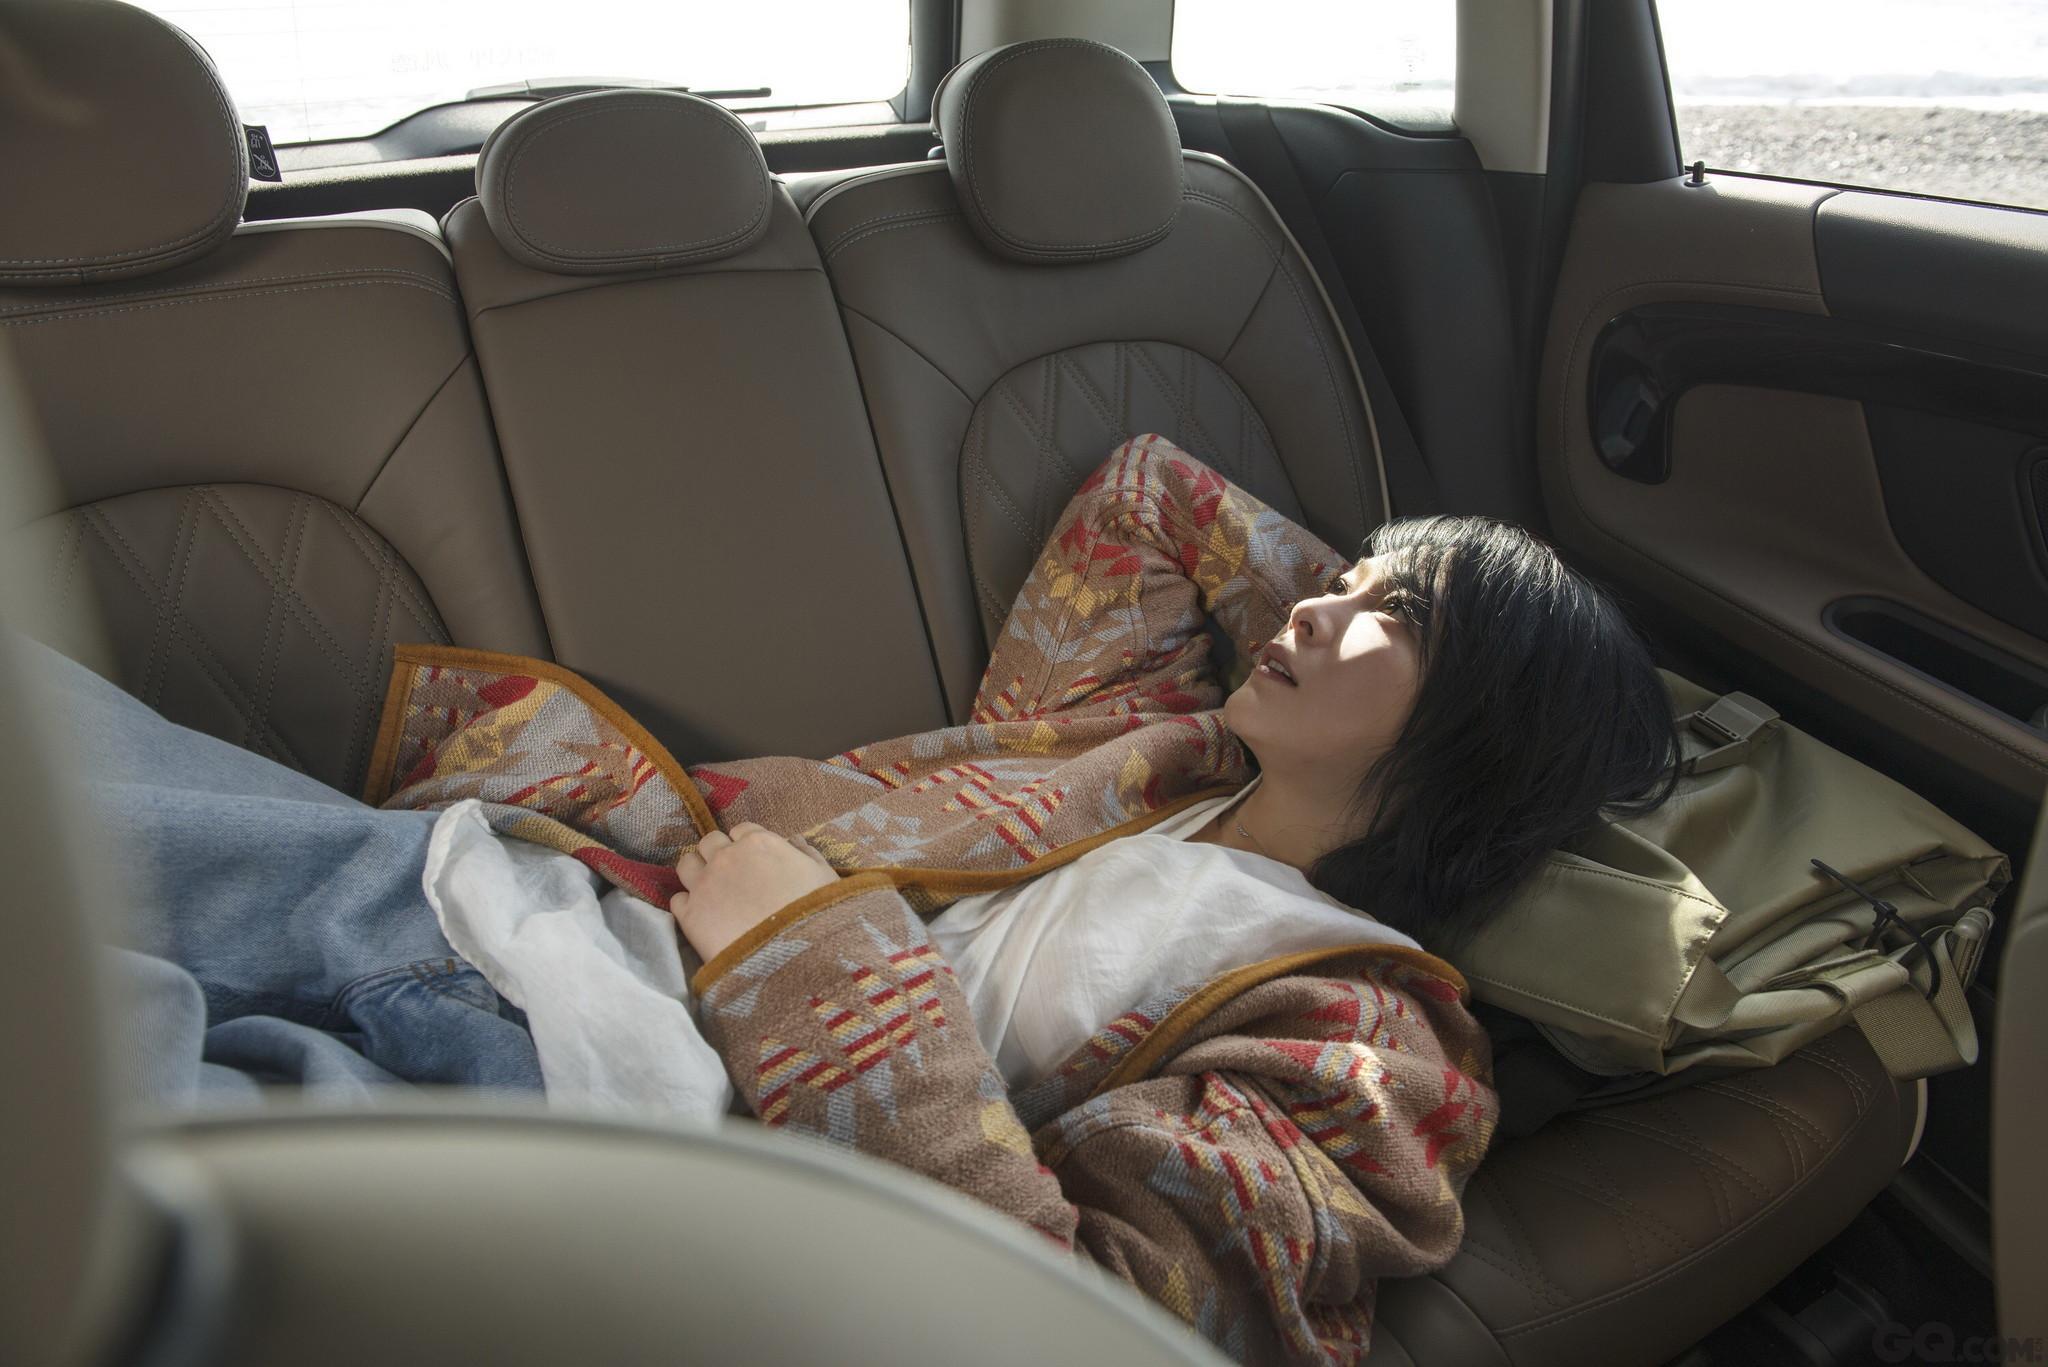 """拍摄当天,刘若英凌晨2点起床妆发以便拍摄到凌晨的海景,经历过不少起早拍摄经验的她还是被开工时间惊到了,不禁打趣嘟囔道:""""这个时间不知道是该睡还是不该睡,果然能超越自己的只有自己。""""虽然睡眠时间不足,但现场的刘若英依然活力非凡,简单的马尾辫生动十足。"""